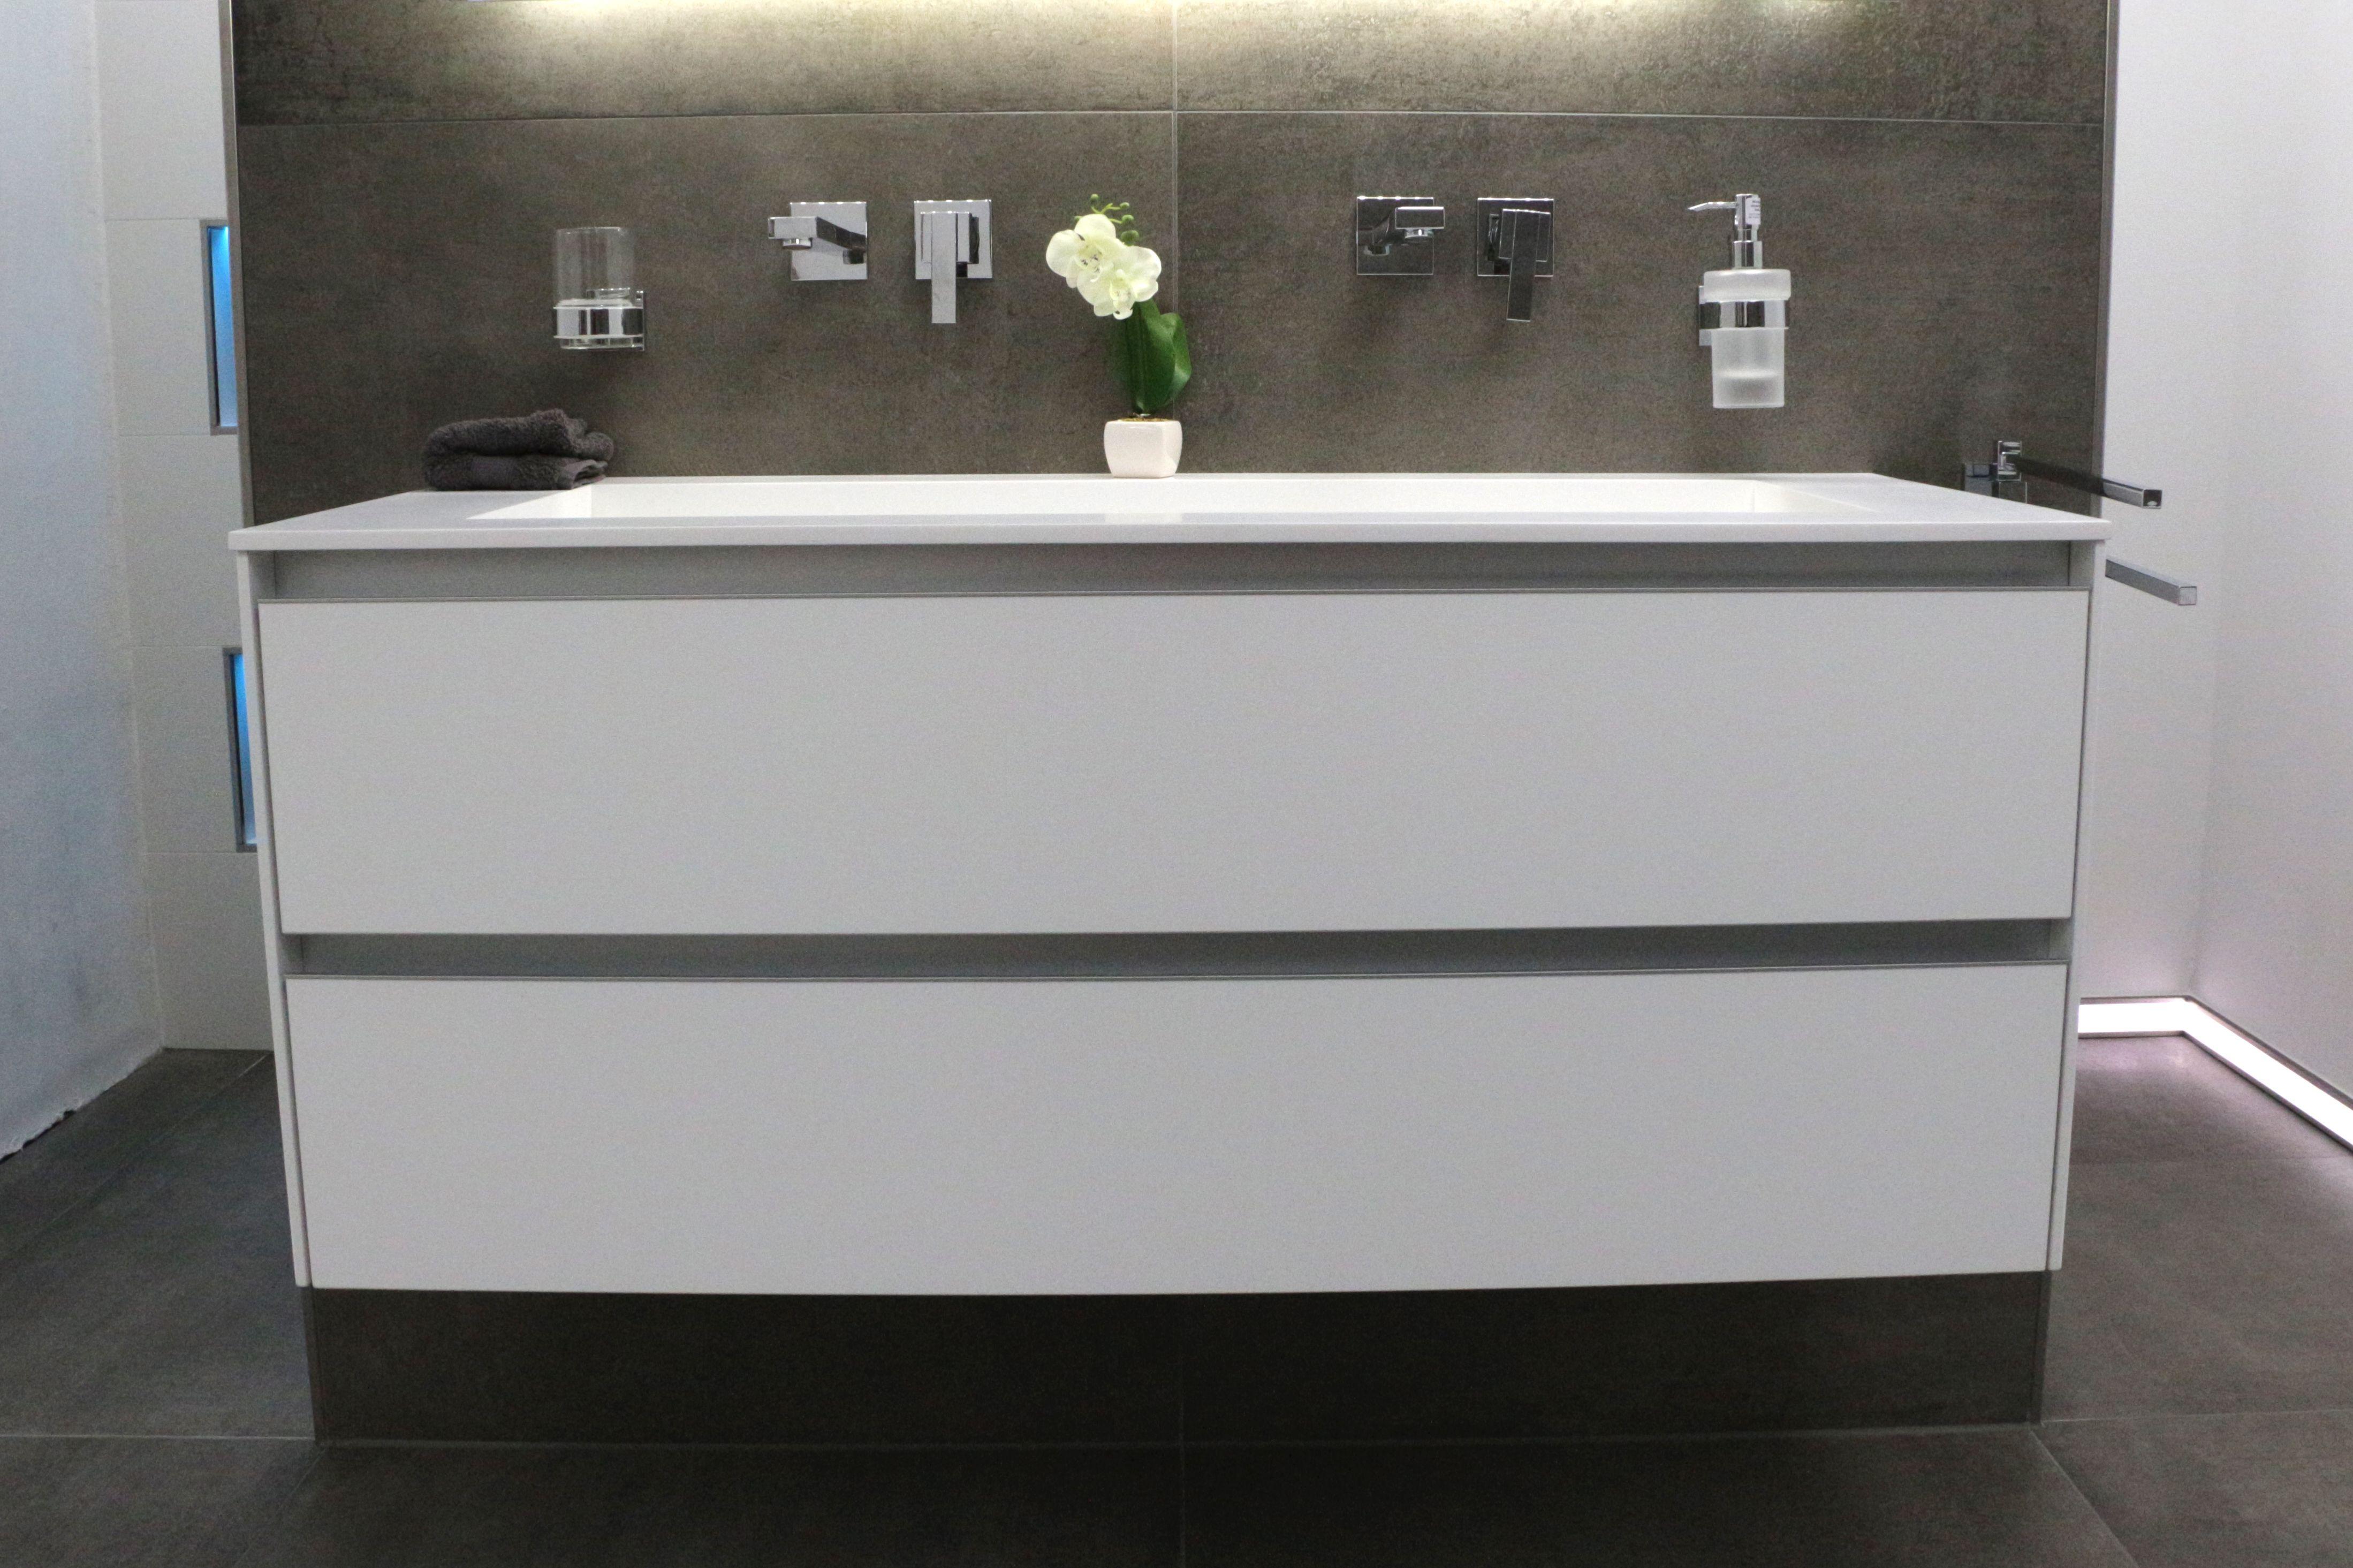 Griffloser Waschtisch Auf Anfrage Bei Uns Www Franke Raumwert De Bad Badezimmer Fliesen Waschtisch Unterschrank Betonopt Badezimmer Unterschrank Fliesen